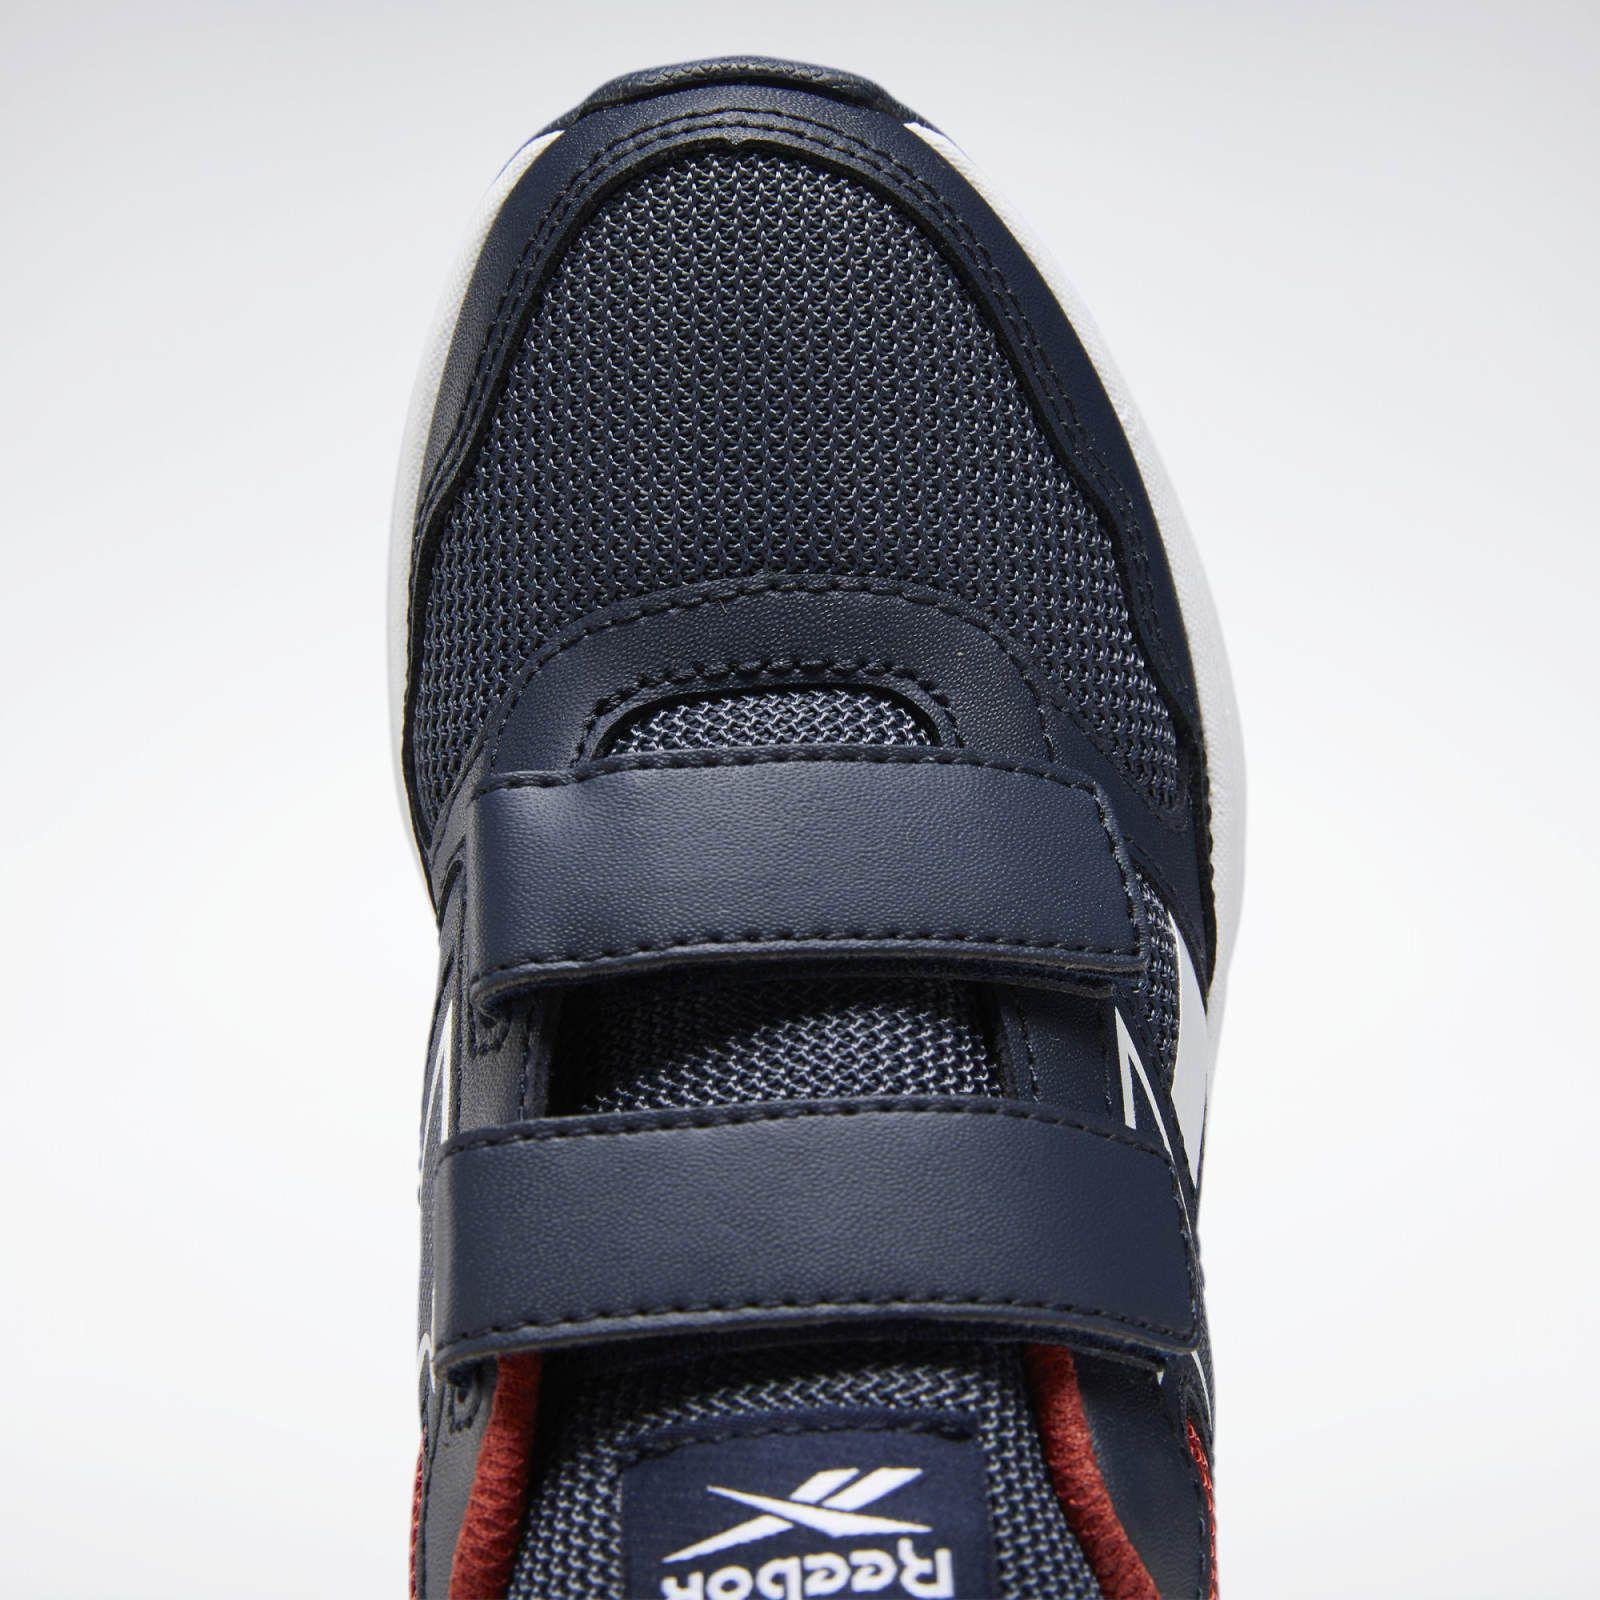 کفش مخصوص دویدن بچگانه ریباک مدل ALMOTIO 5.0 2V EF3328 -  - 7